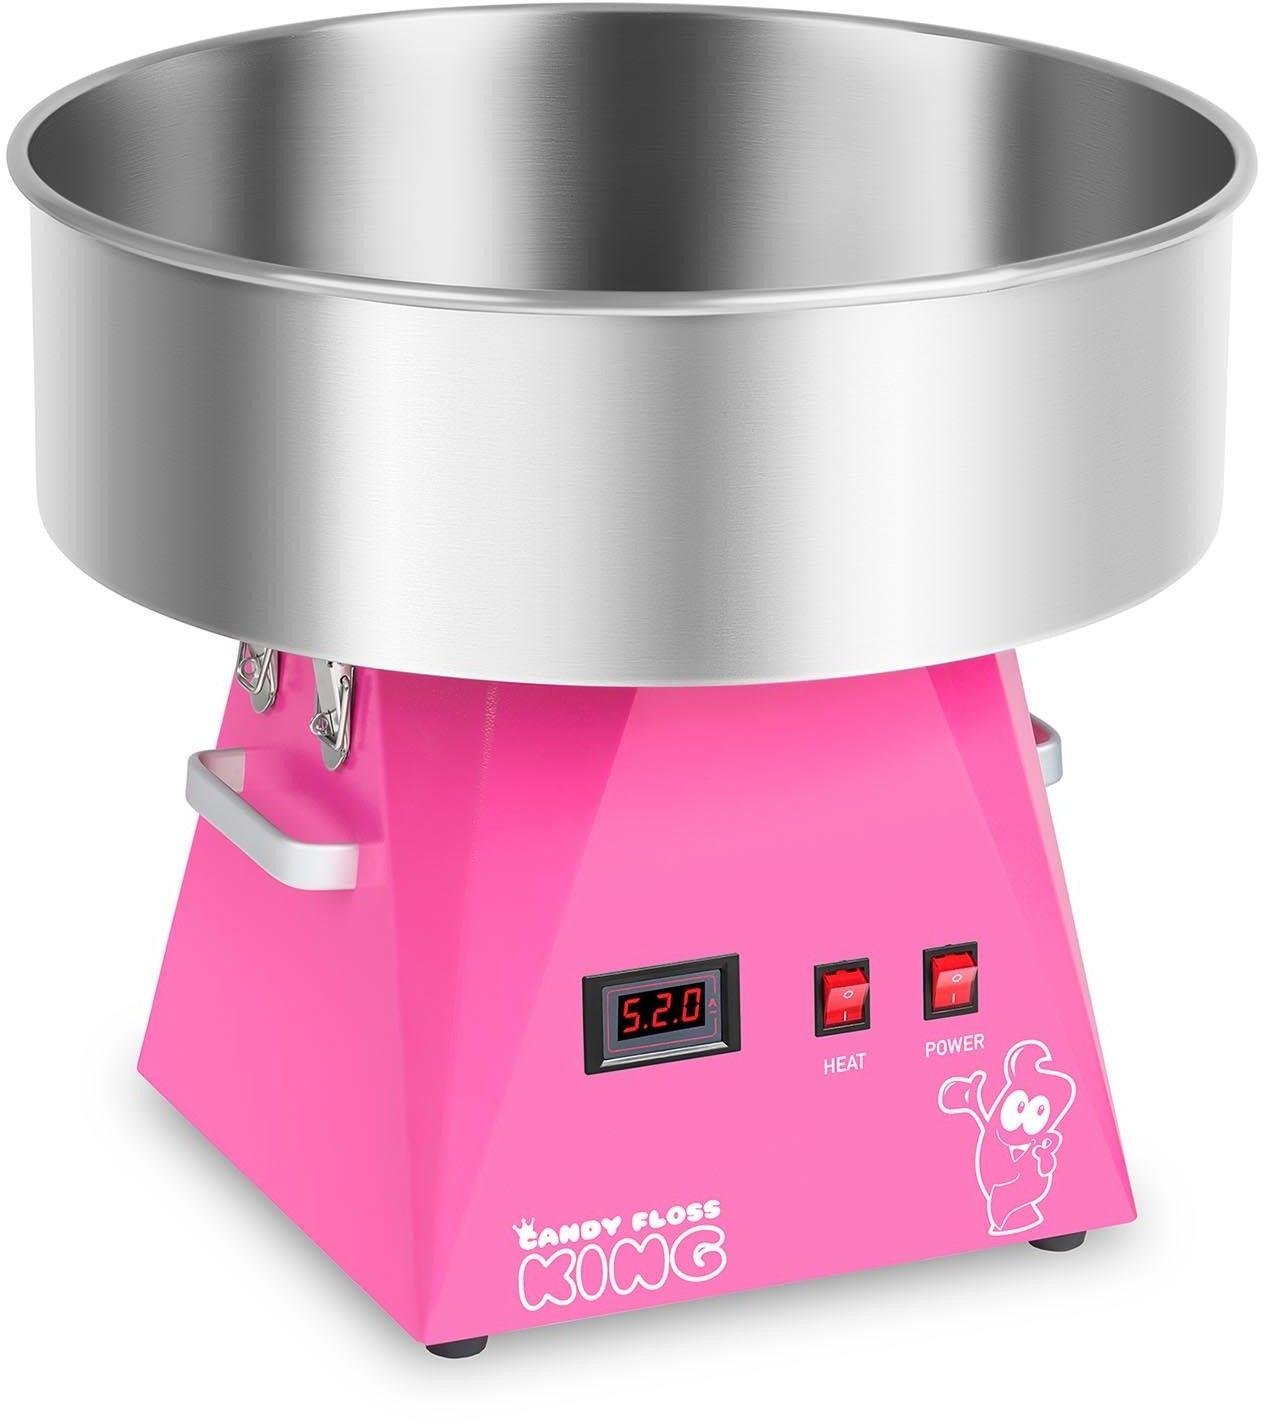 Zestaw Maszyna do waty cukrowej - LED - 52 cm + Pokrywa ochronna - Royal Catering - RCZK-SET2 - 3 lata gwarancji/wysyłka w 24h